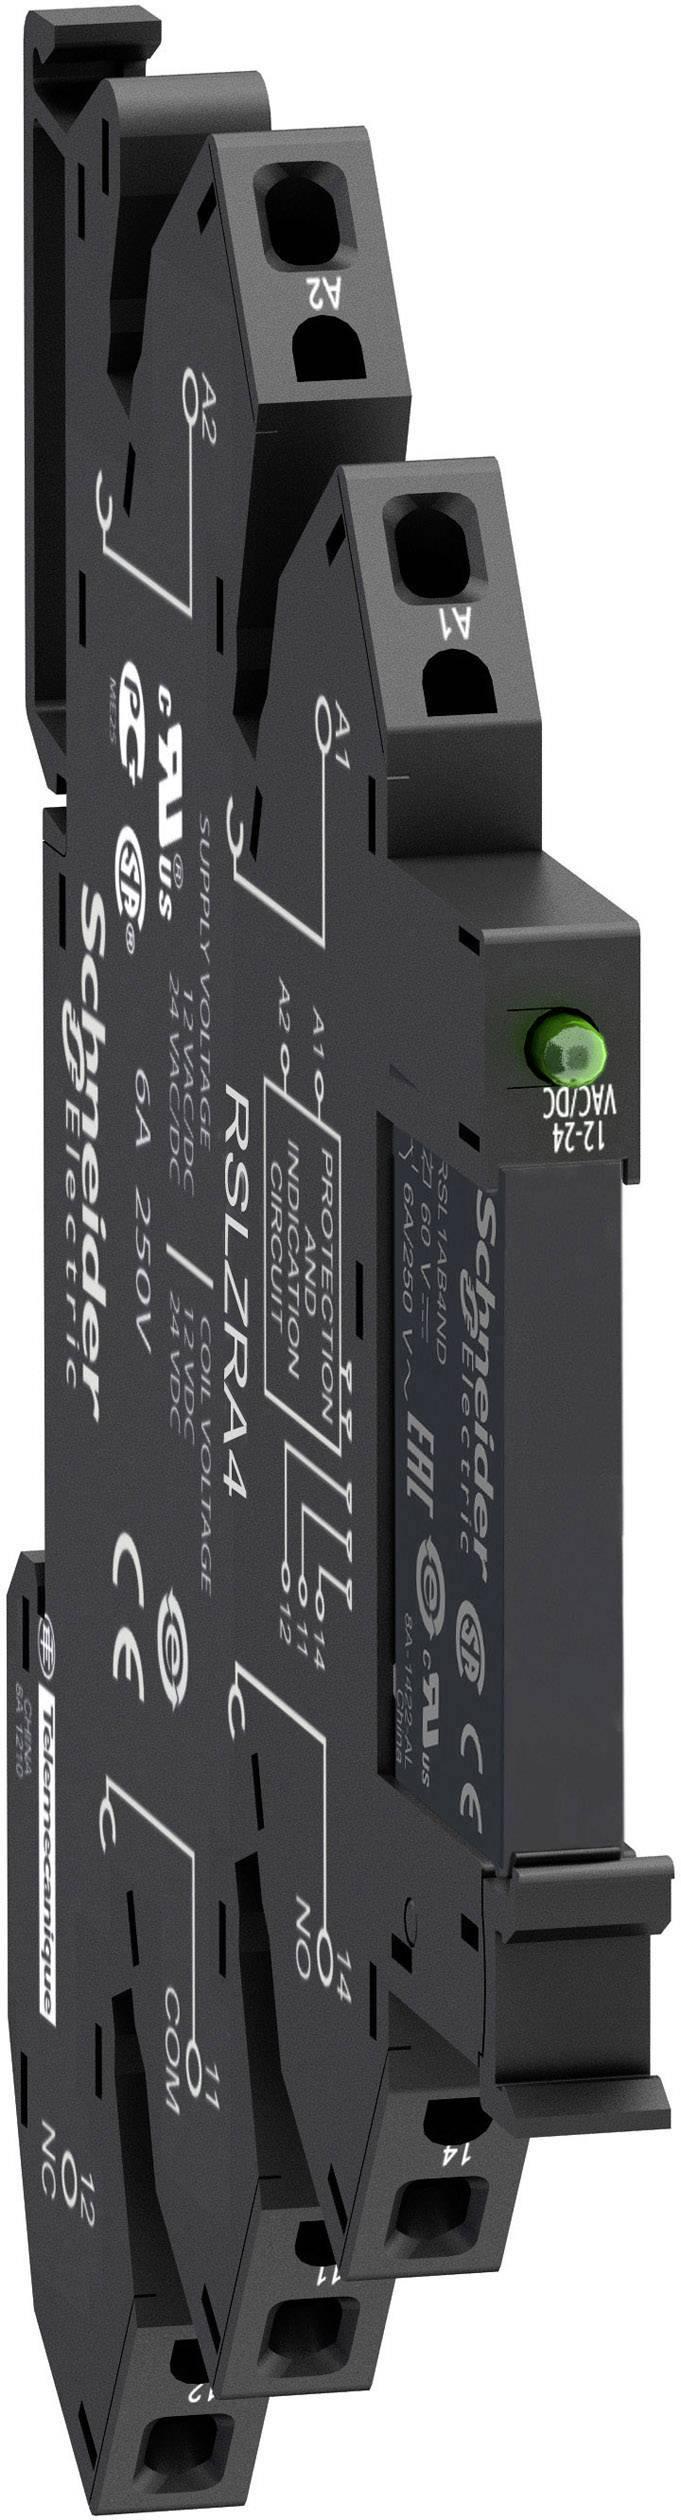 Zátěžové relé Schneider Electric RSL1PRPU, 230 V/DC, 230 V/AC, 6 A, 1 přepínací kontakt, 1 ks